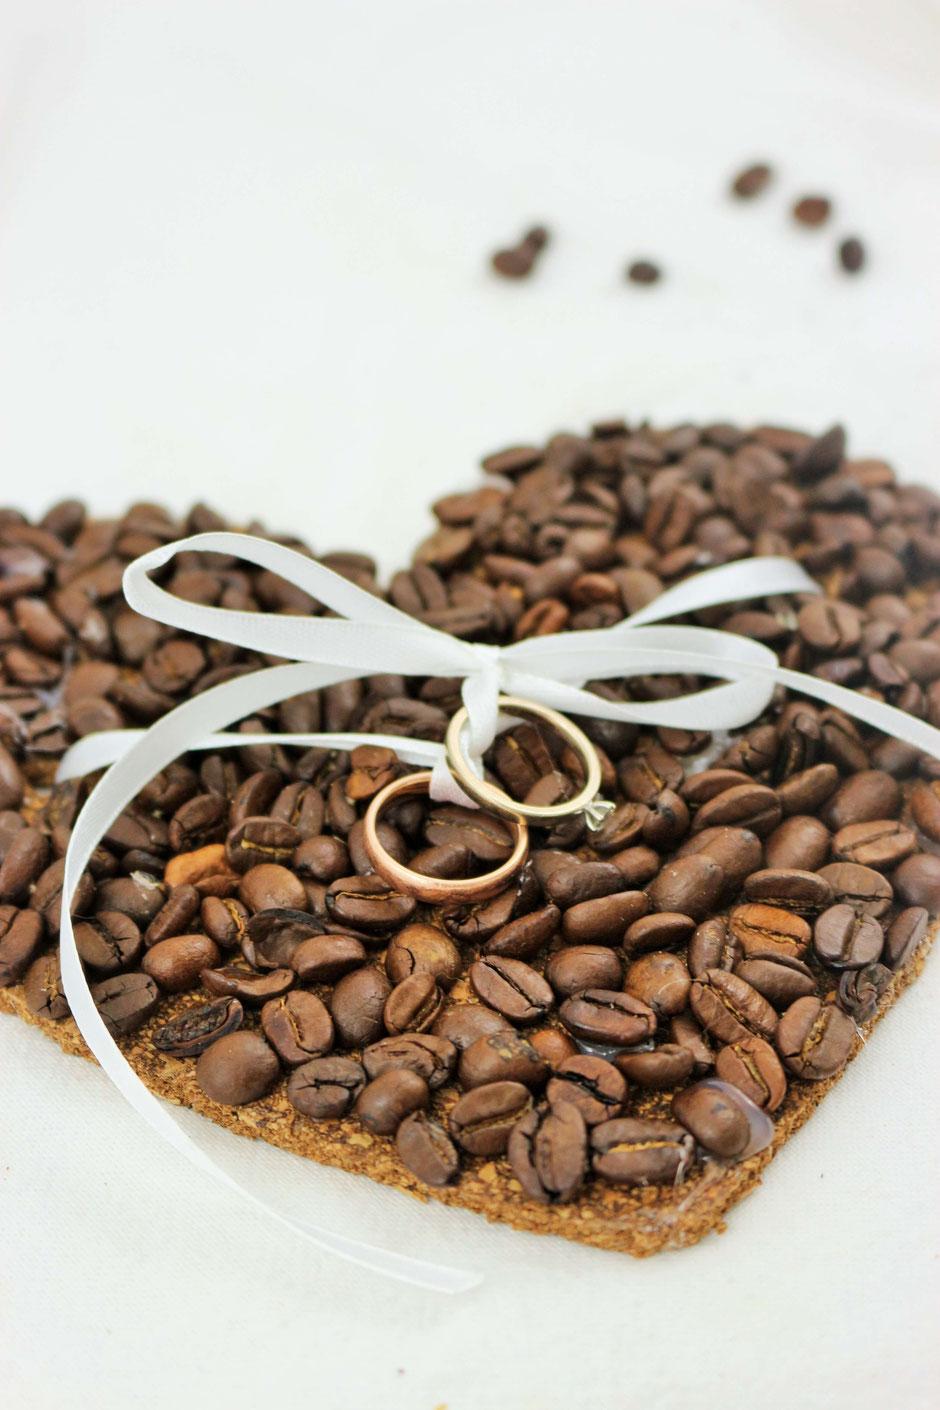 DIY Ringkissen aus Kork mit Kaffee. Ein Ringkissen für Eheringe. Basteln für die Hochzeit.